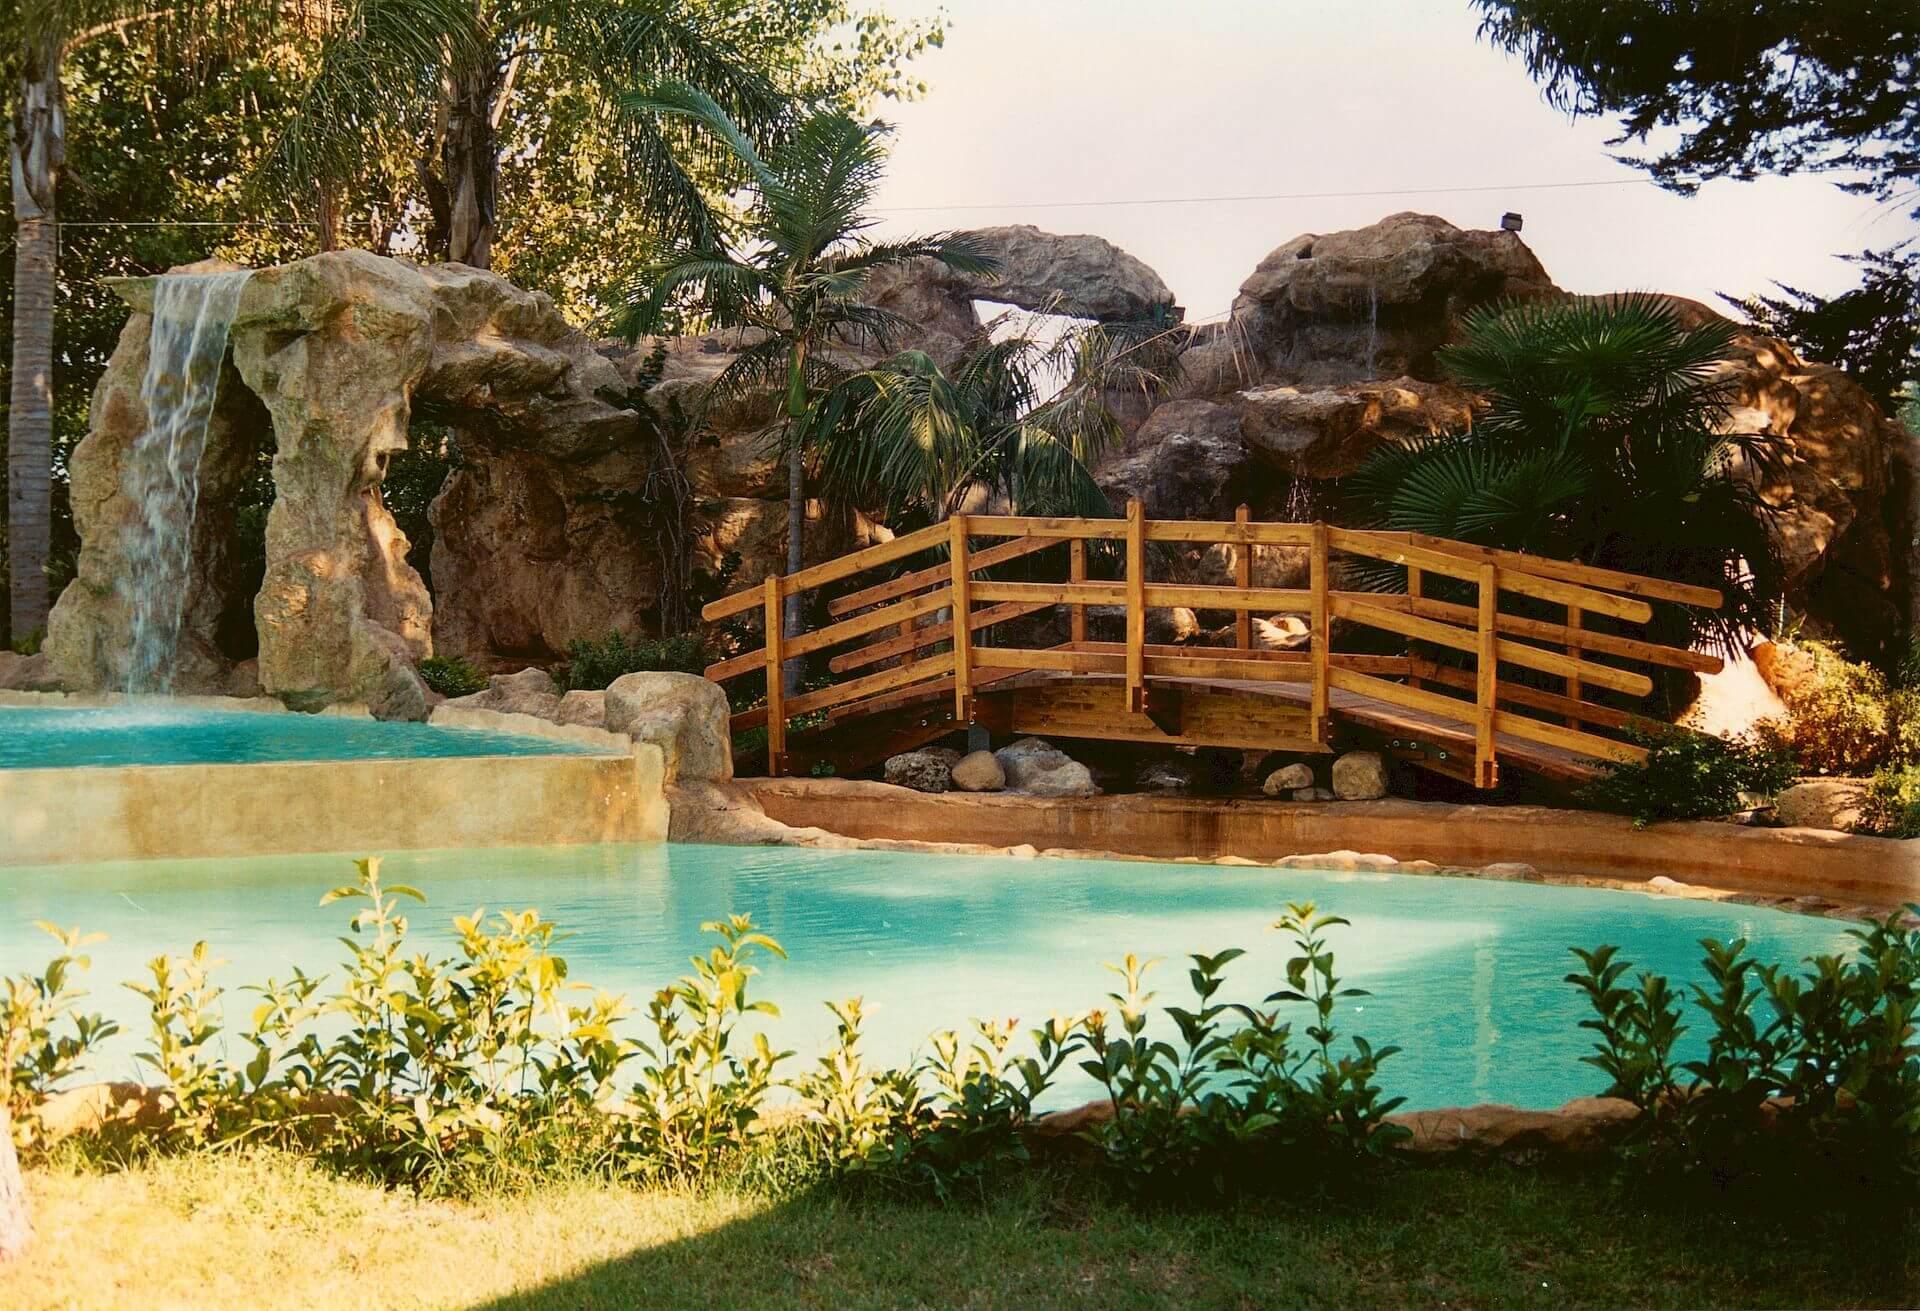 Parchi Acquatici realizzati con le rocce